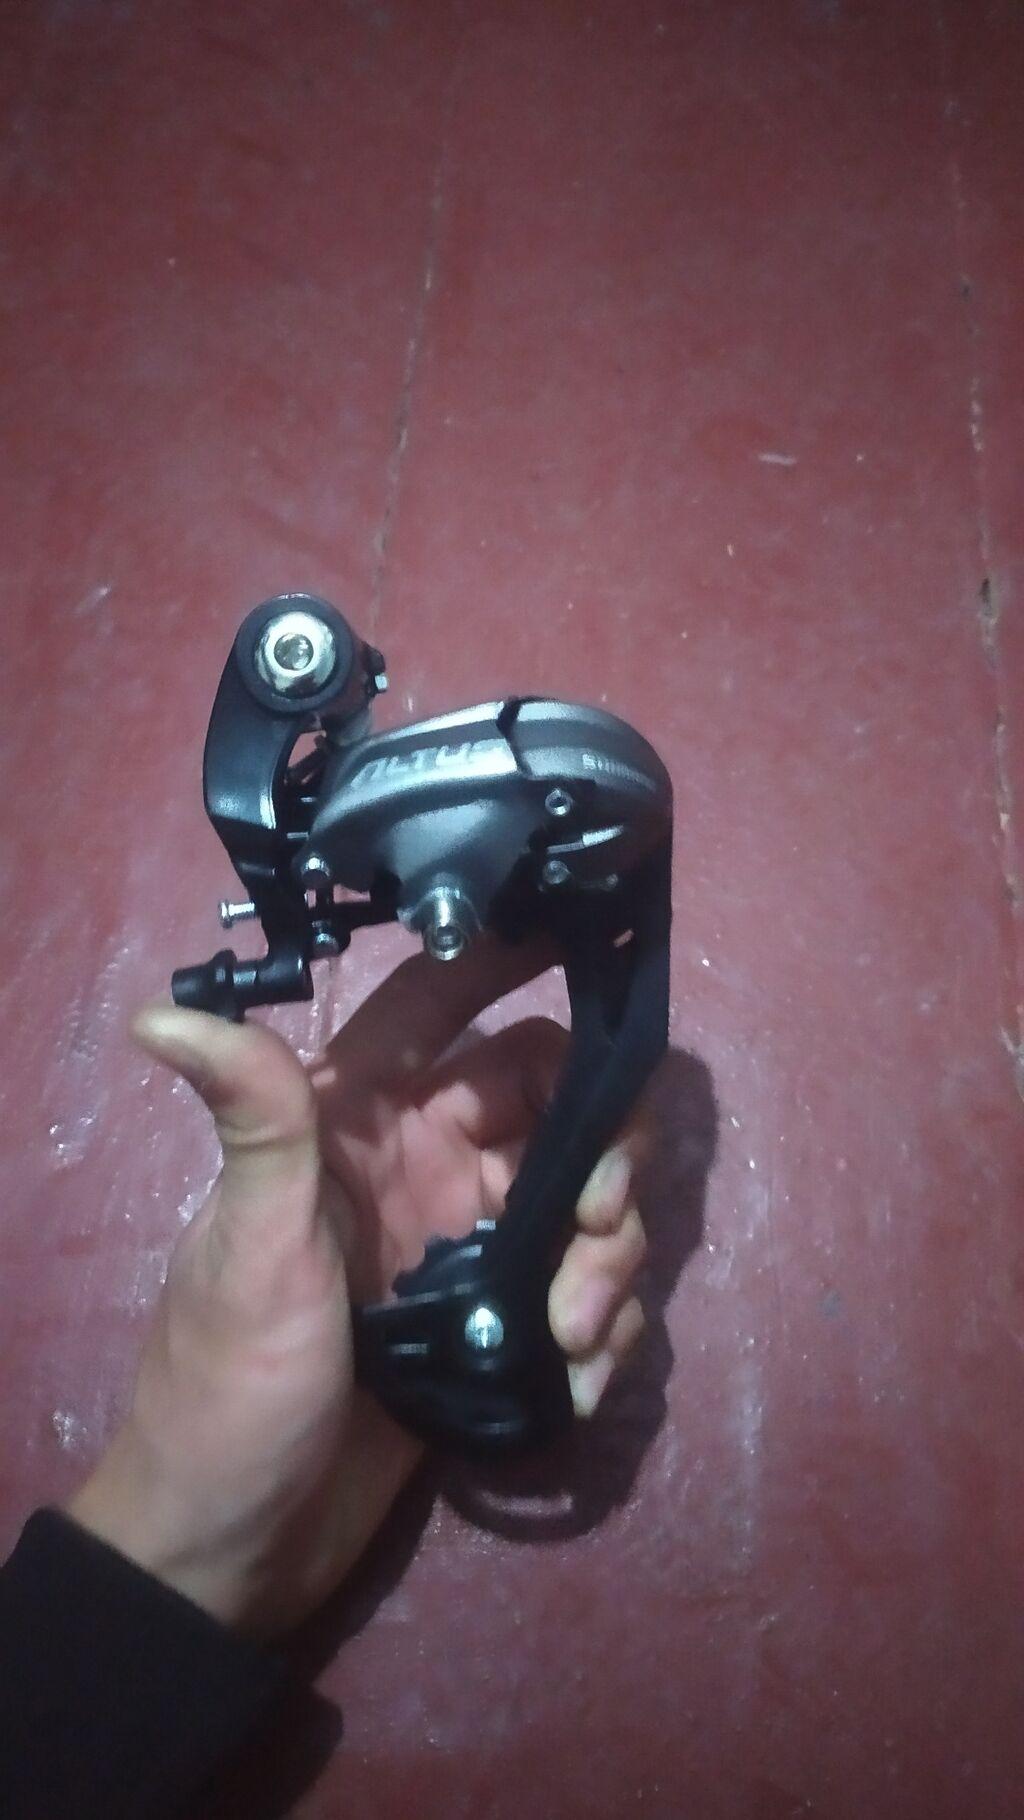 Продаю задний Переключатель Shimano Altus RD-M370 SGS  Характеристики: Продаю задний Переключатель Shimano Altus RD-M370 SGS  Характеристики: